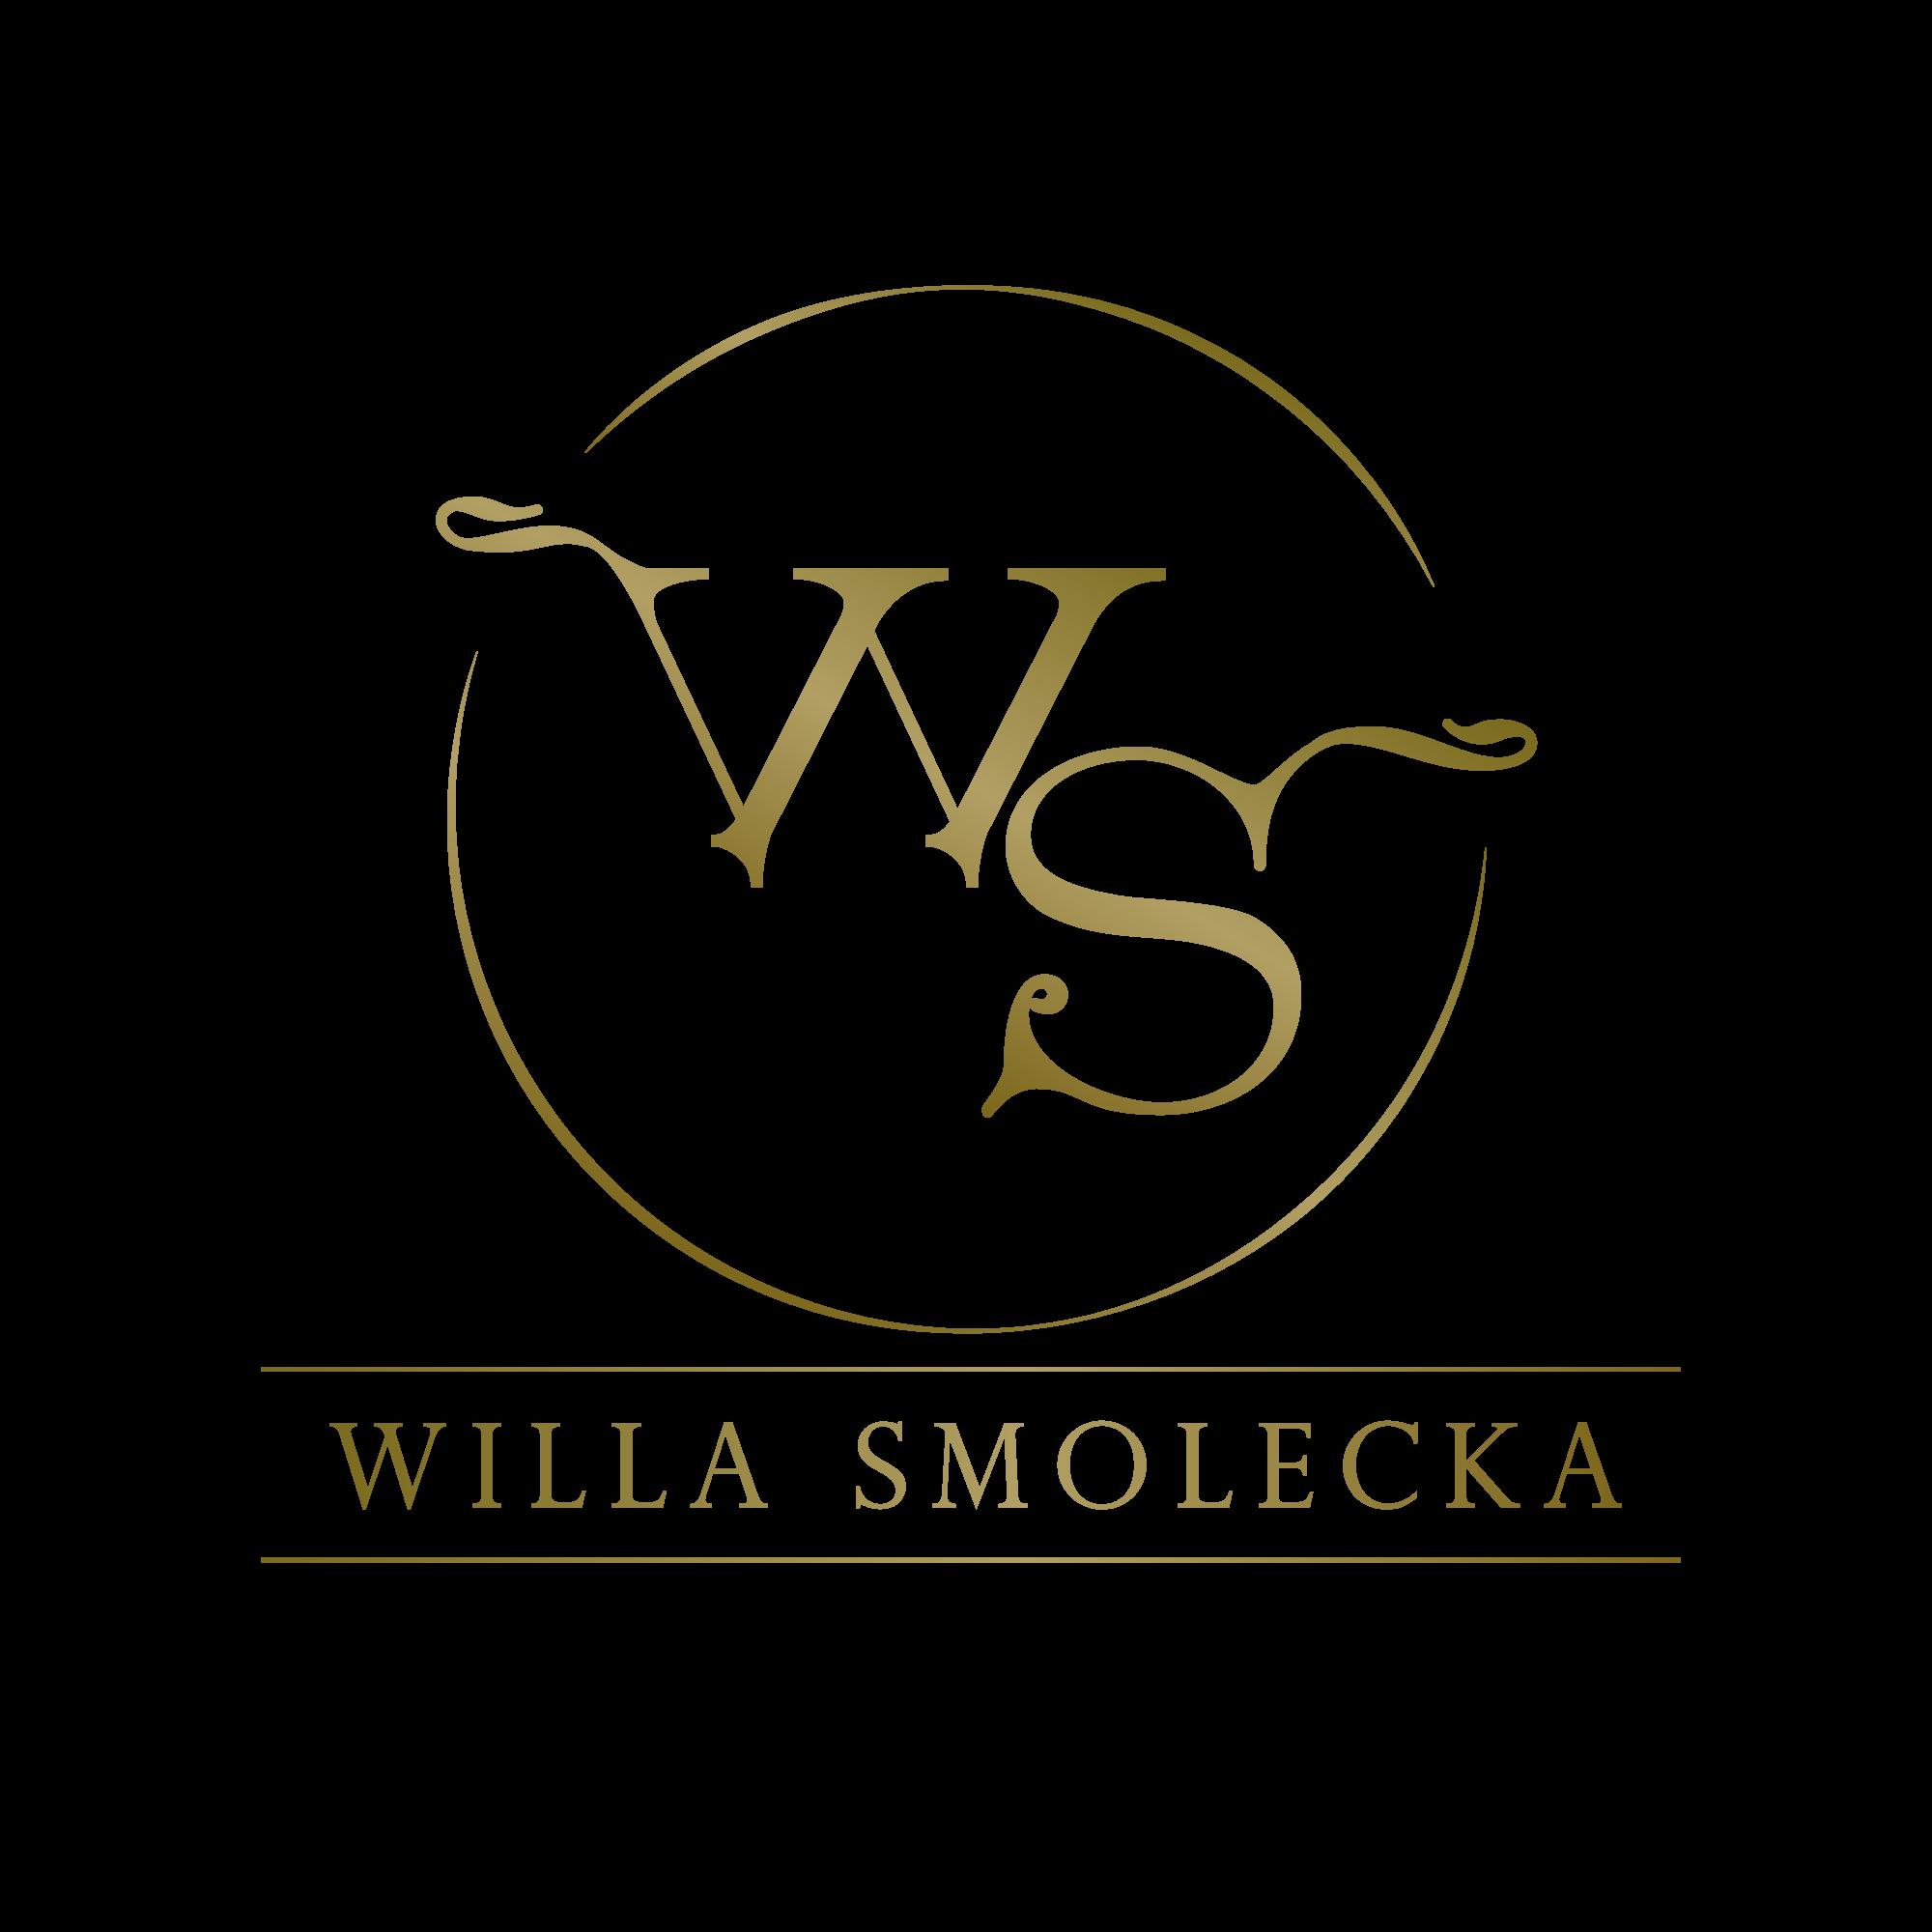 Willa Smolecka